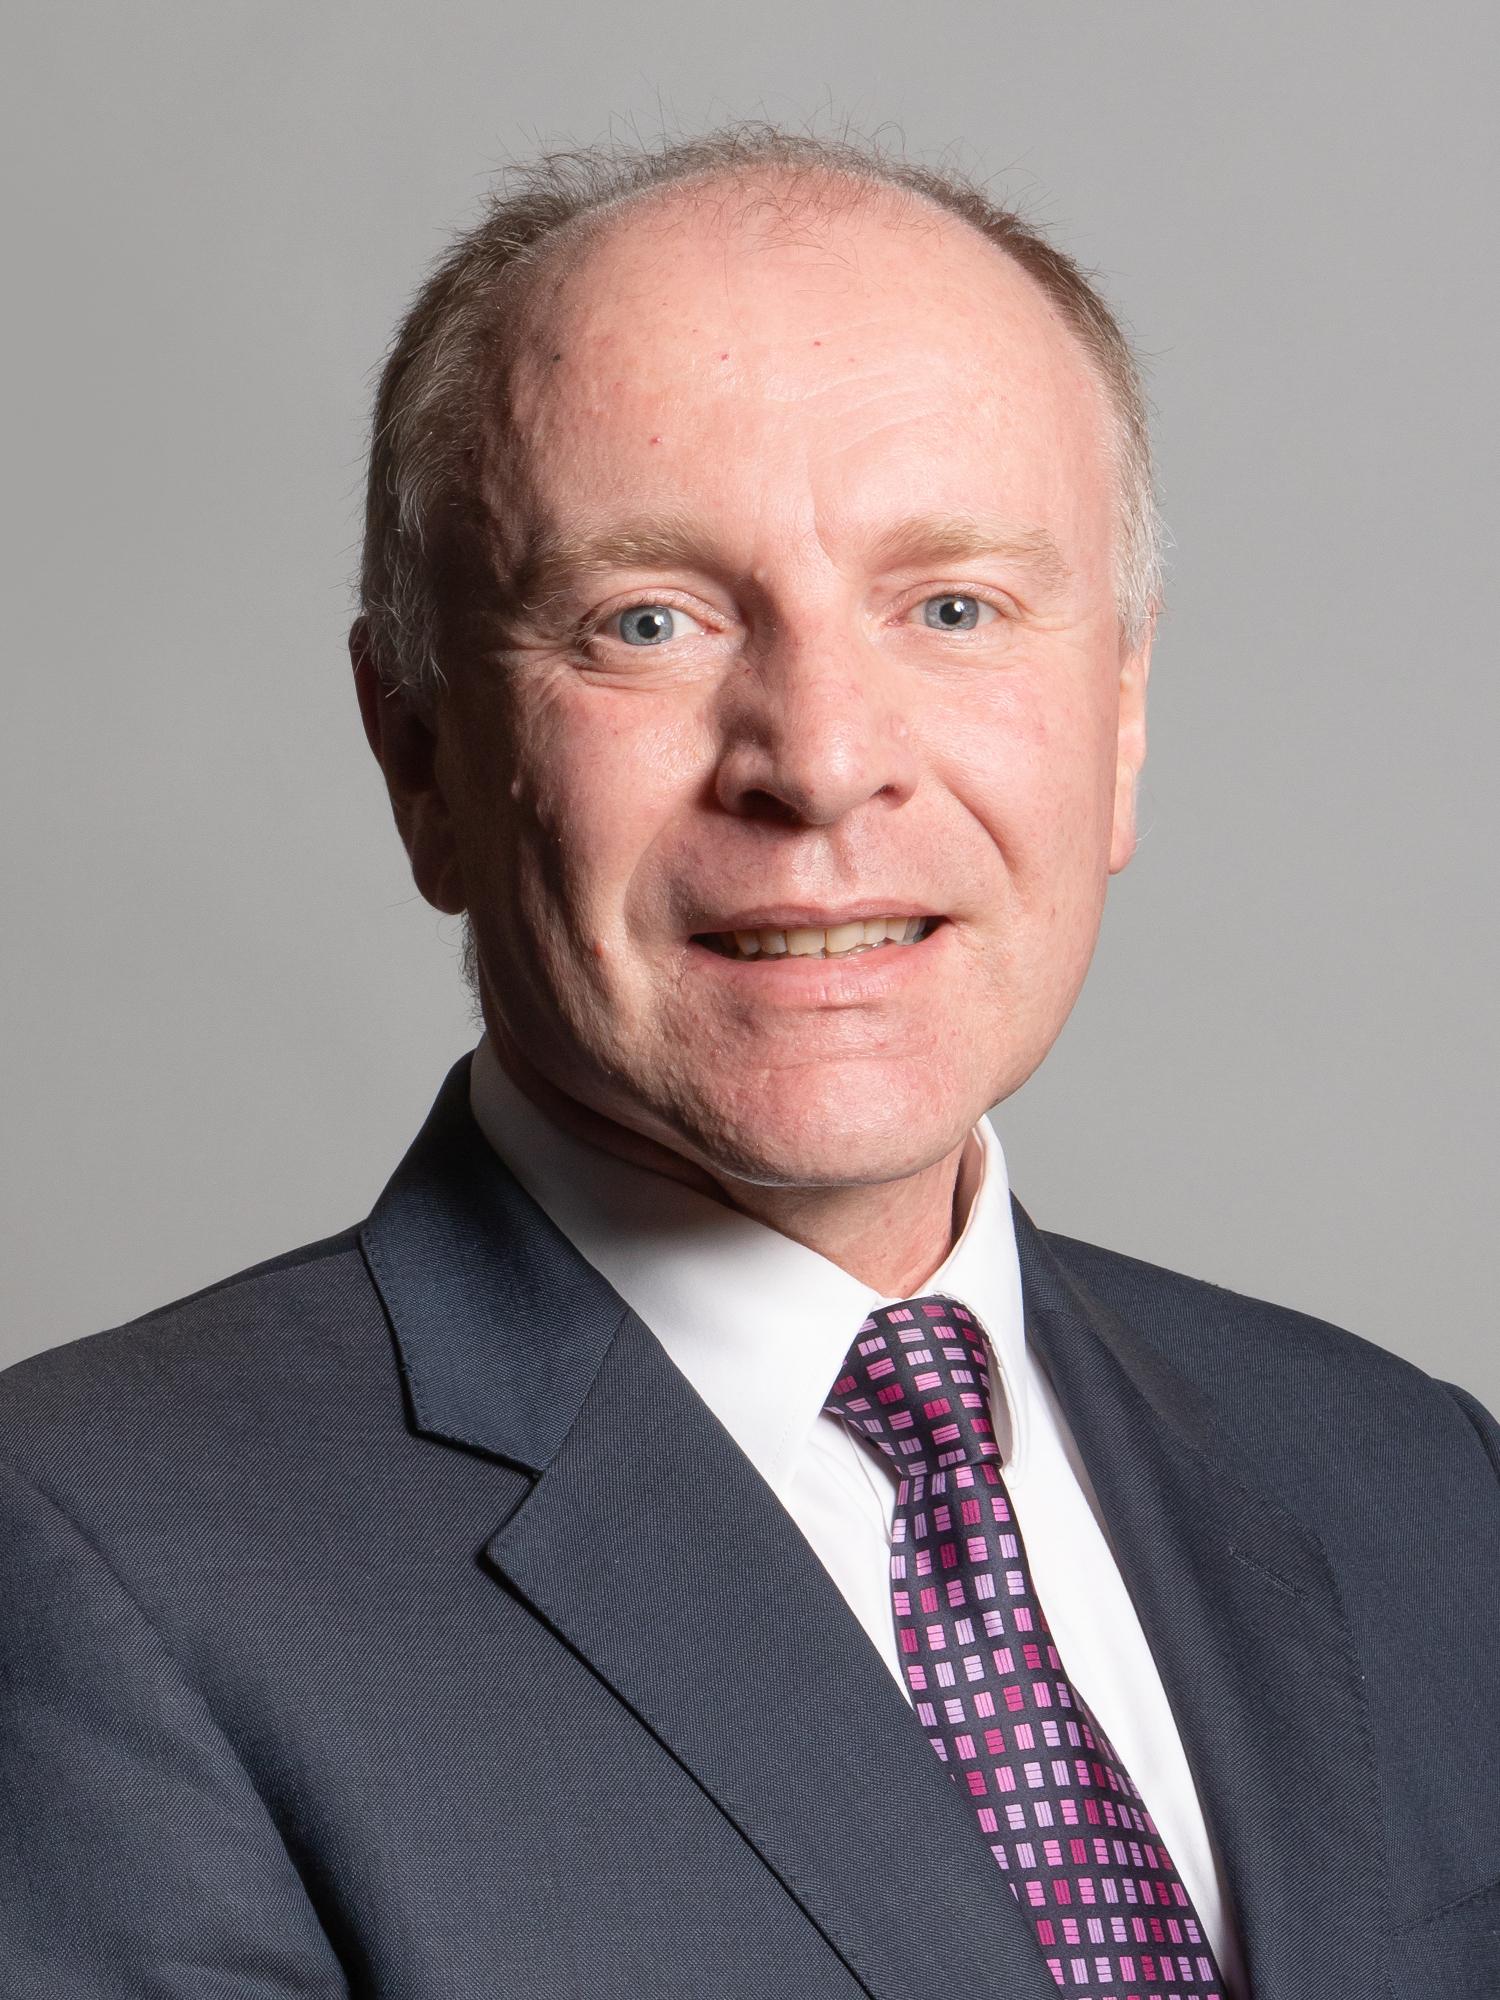 Marco Longhi MP